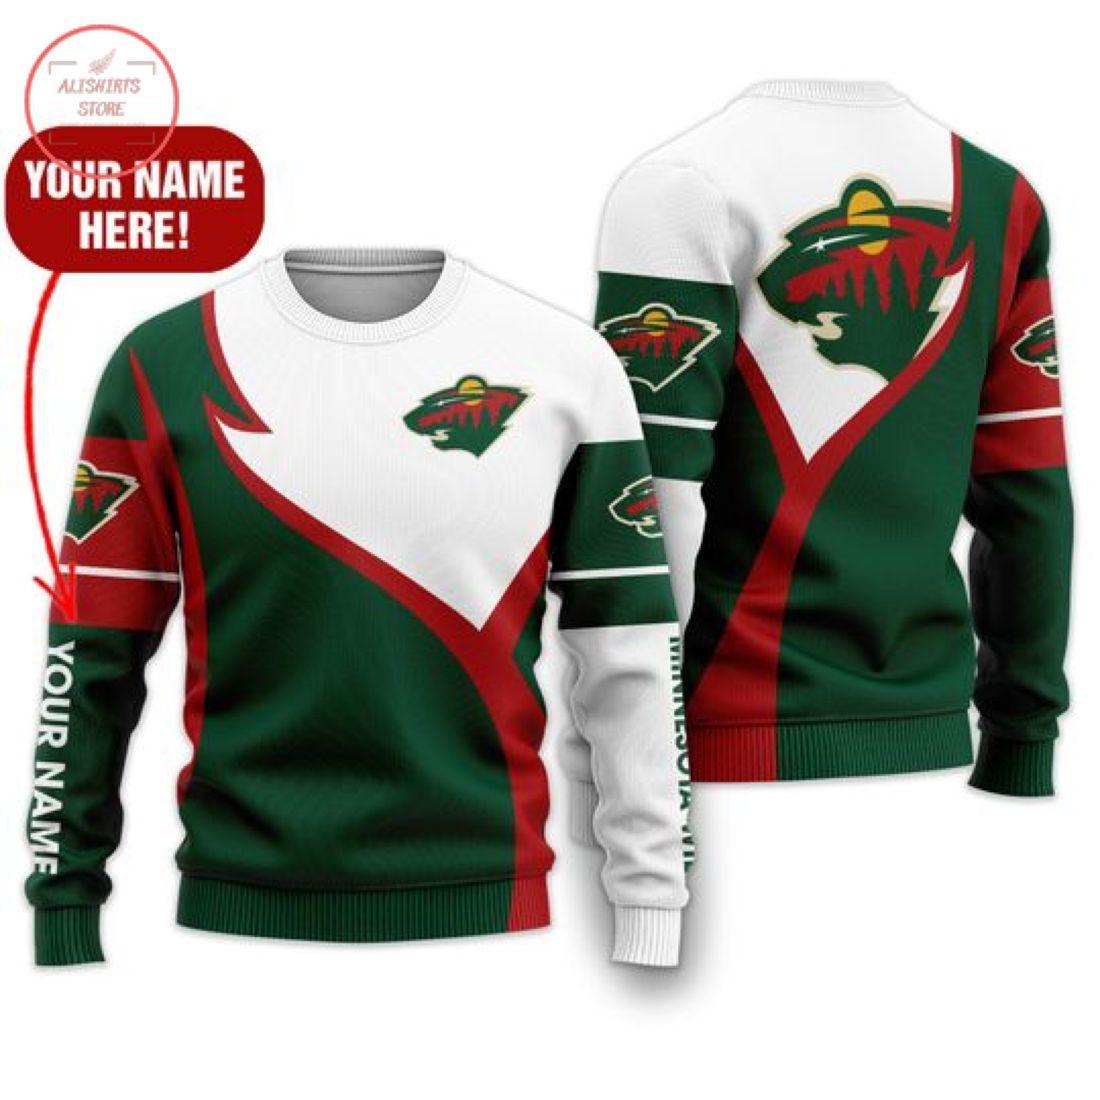 Nhl Minnesota Wild Personalized Shirts